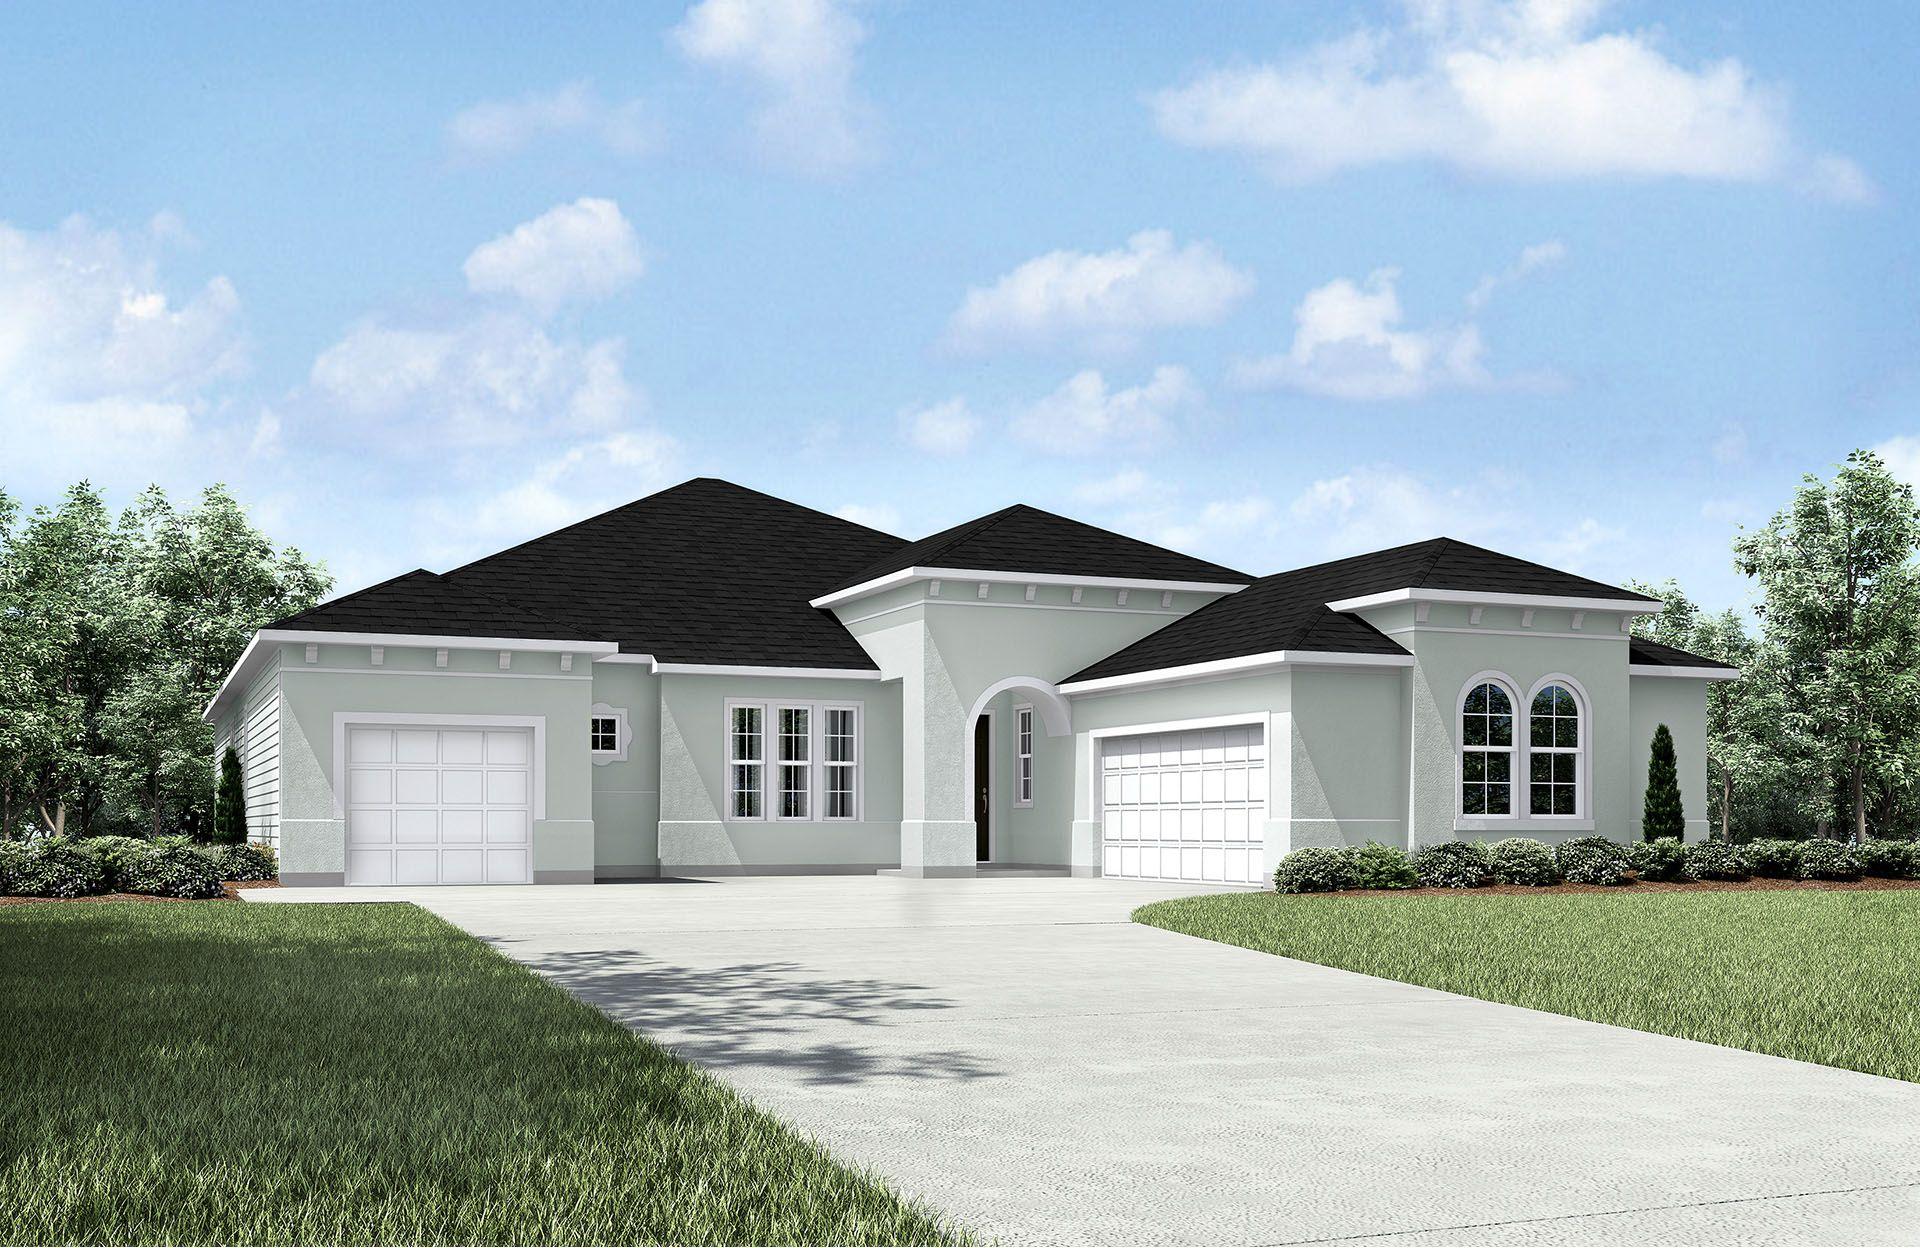 Uma única Família para Venda às Magnolia Point - Radford 3695 Red Hawk Ct. Green Cove Springs, Florida 32043 United States